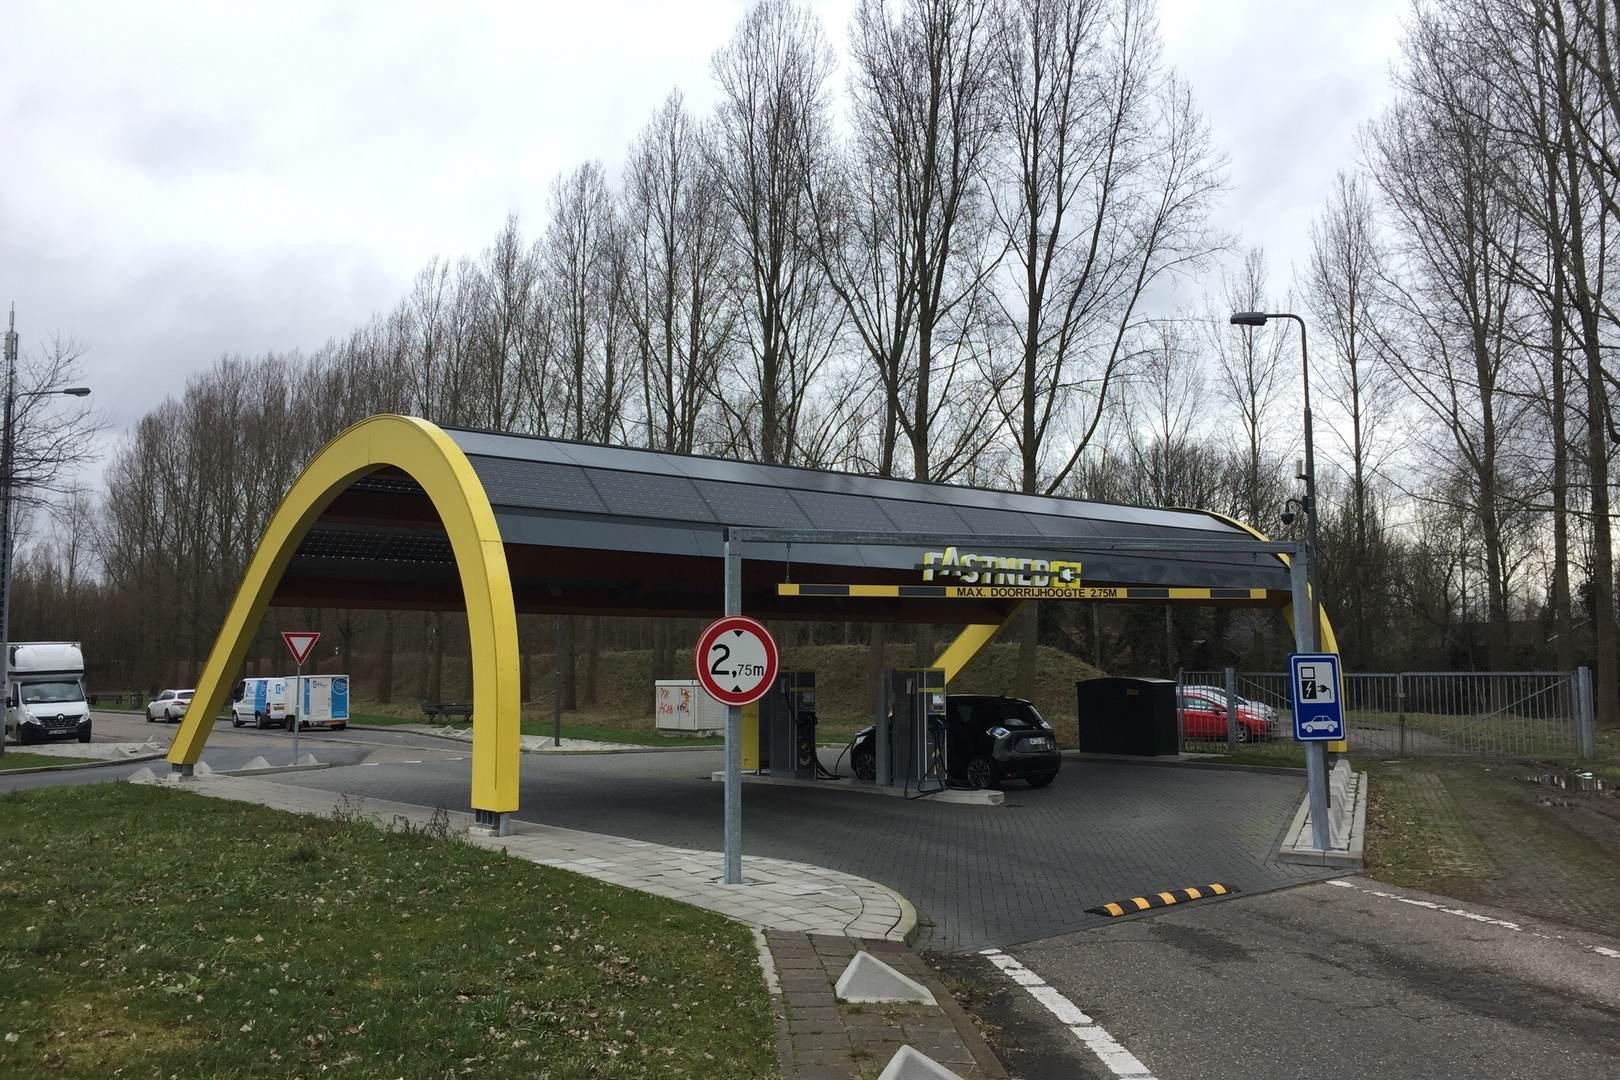 Fastned_Schnellladestation_ZOE_Niederlande